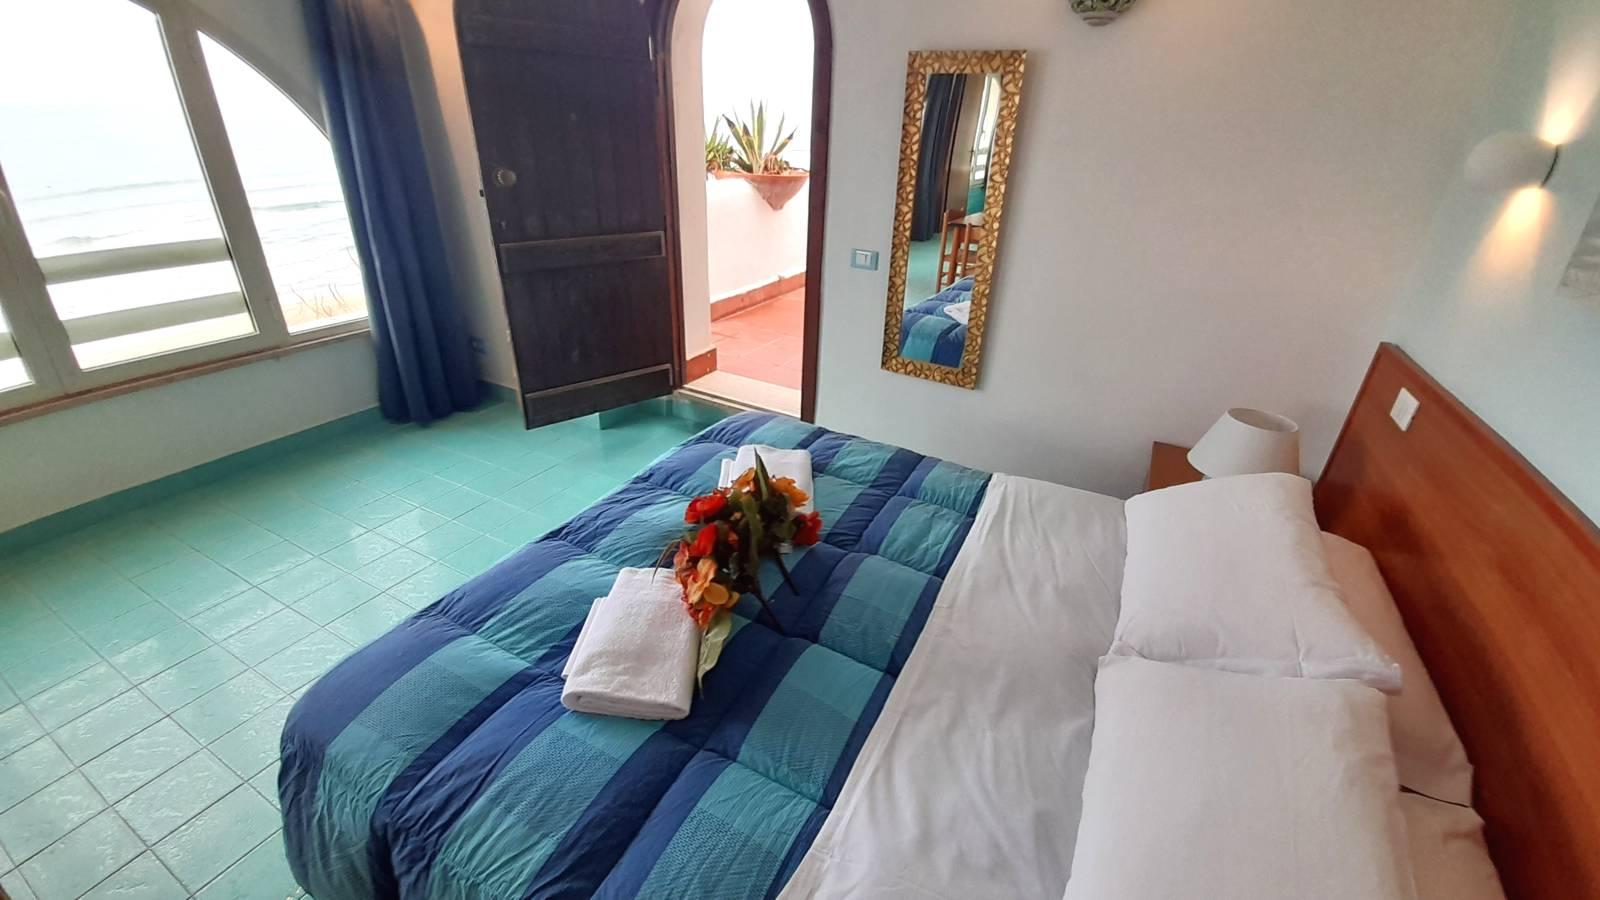 elianto_residence_anzio_appartamenti_fronte_mare_hotel_orchidea_interno_25